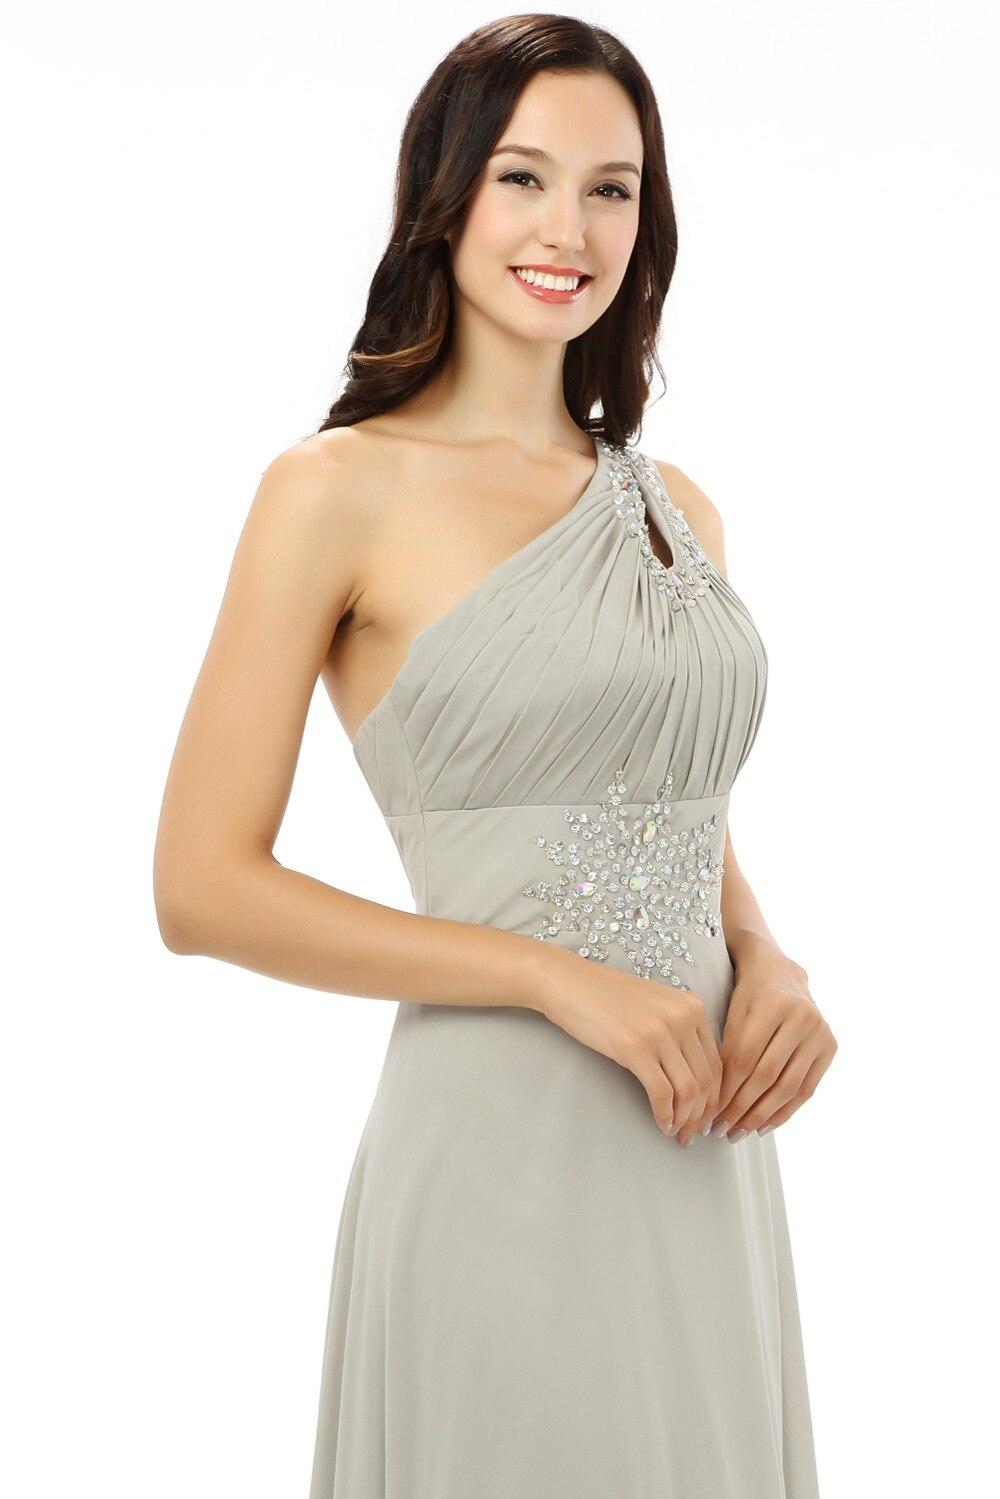 Robes de soirée de maternité 2019 a-ligne une épaule en mousseline de soie perles cristaux femmes formelle longue robe de soirée robe de bal robe de bal - 5